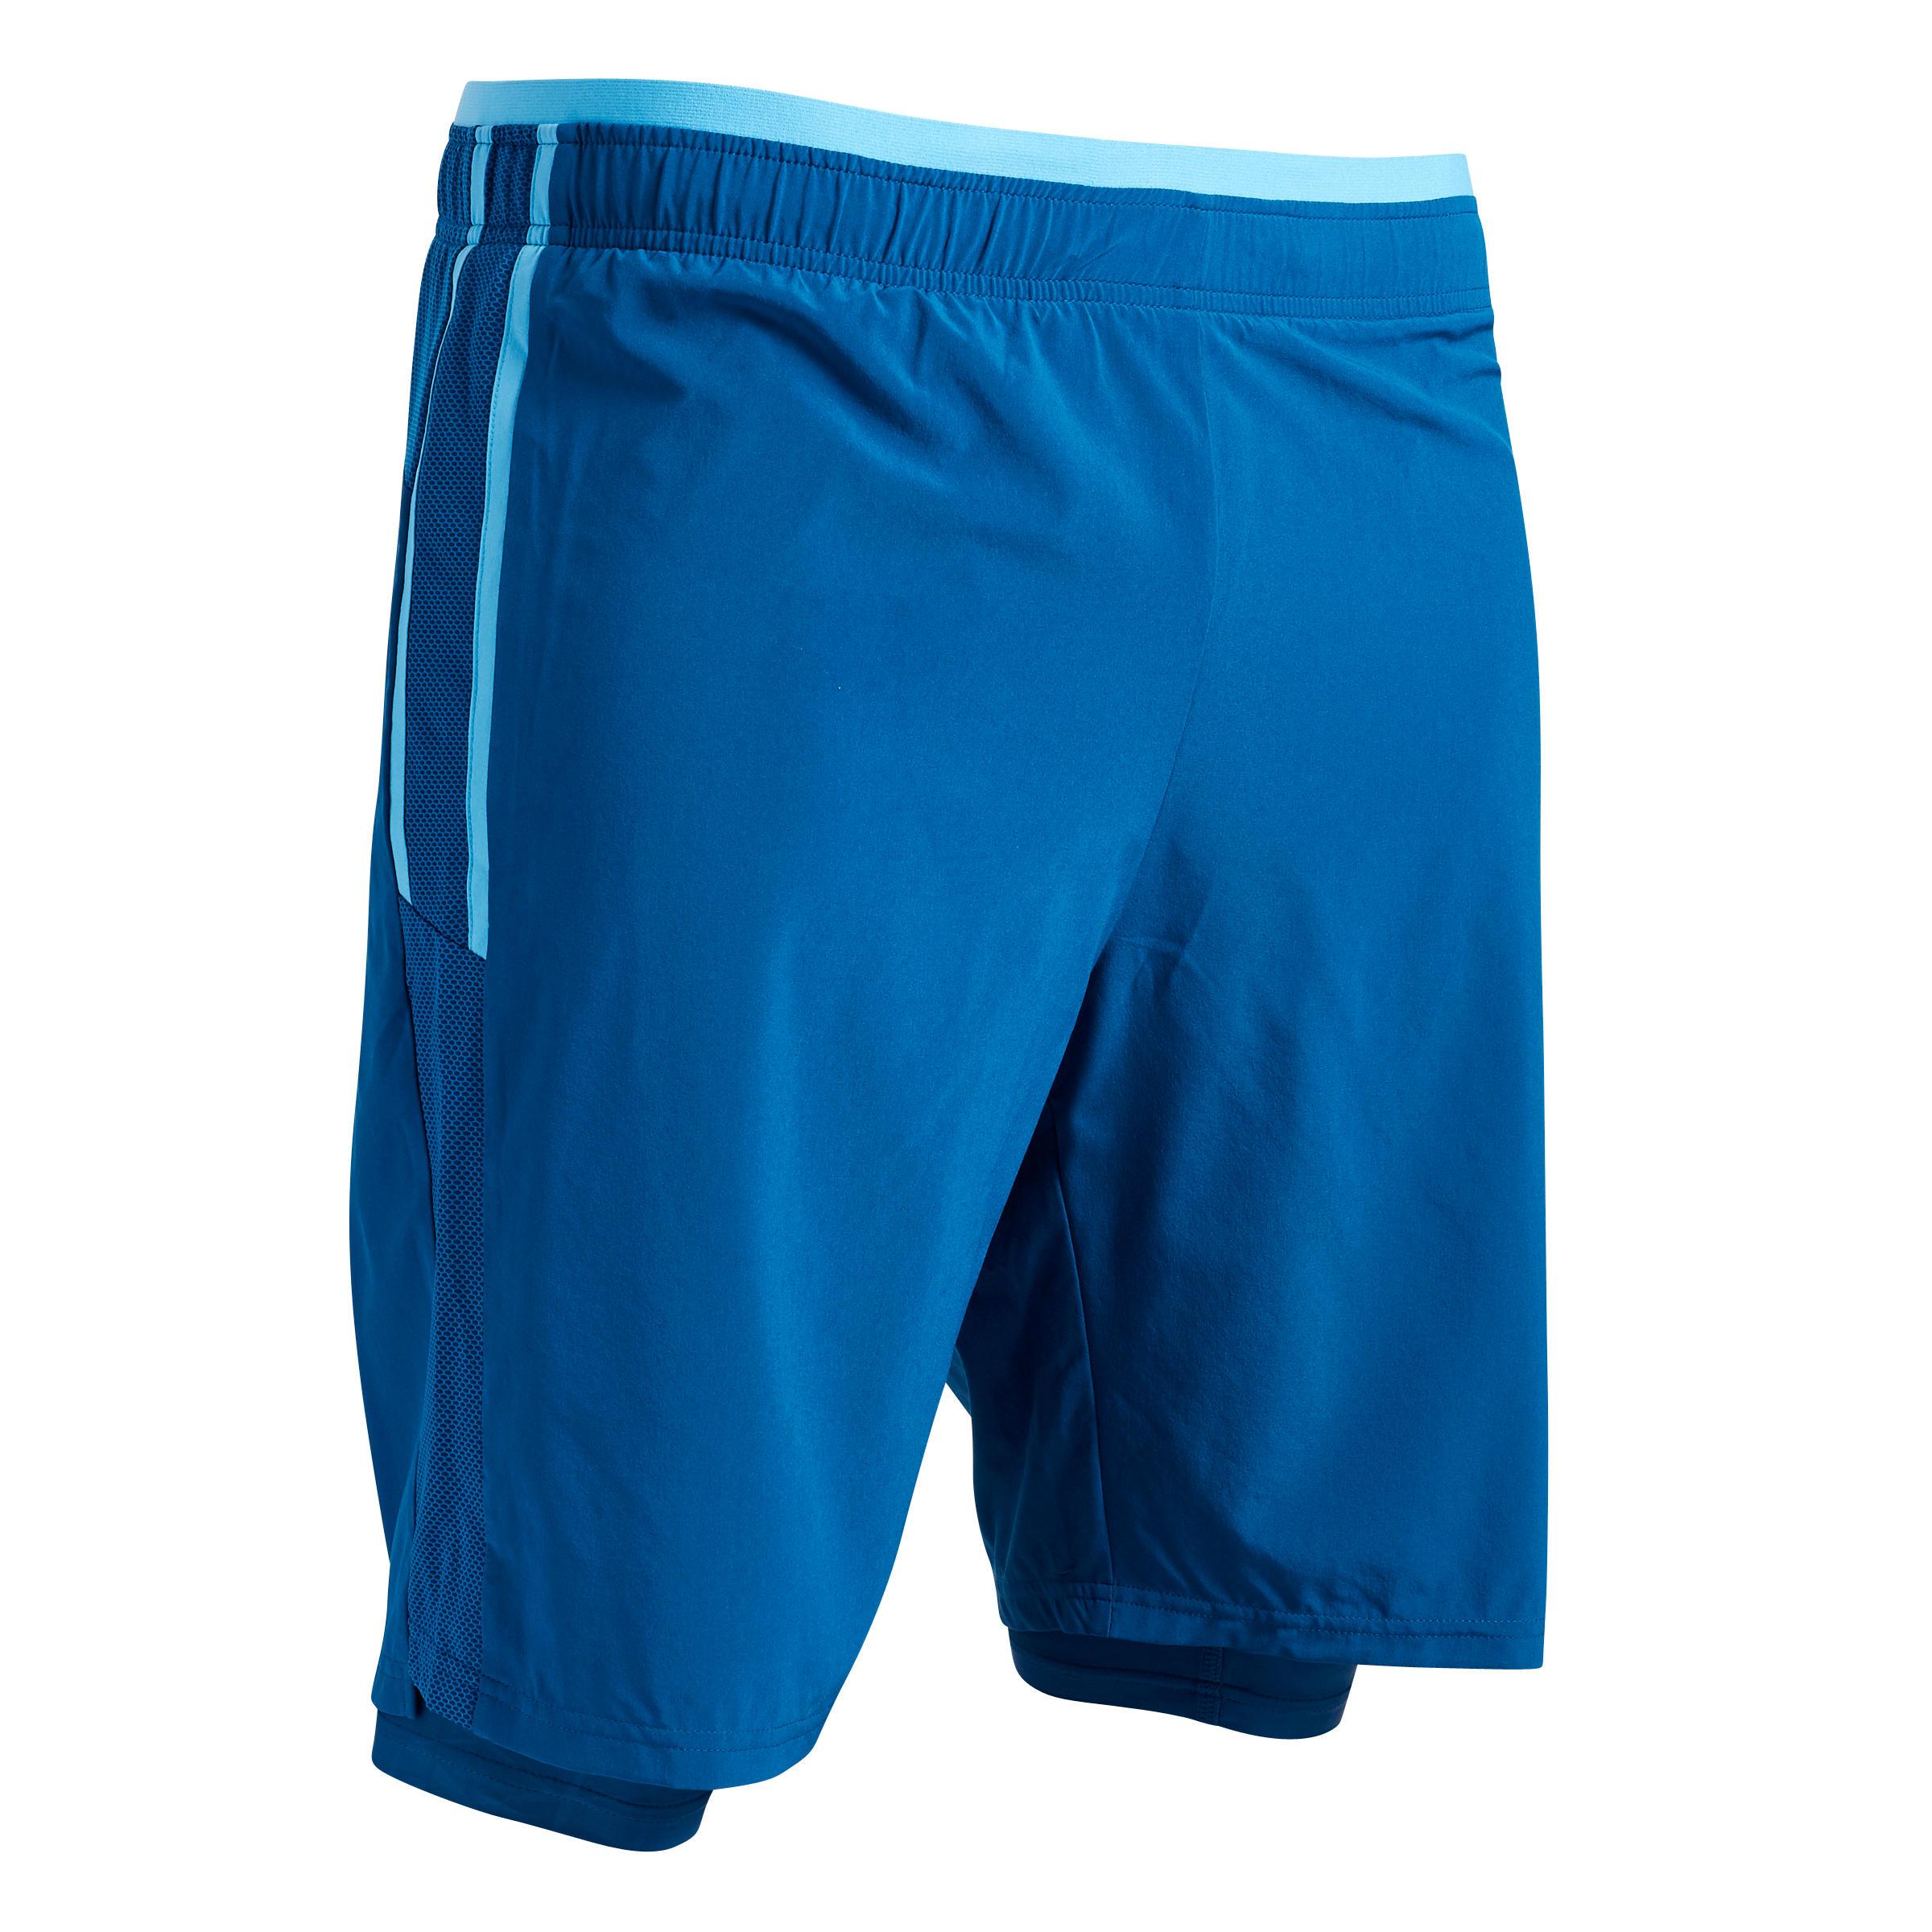 Fußballhose 3-in-1 F540 Erwachsene | Sportbekleidung > Sporthosen > Fußballhosen | Kipsta